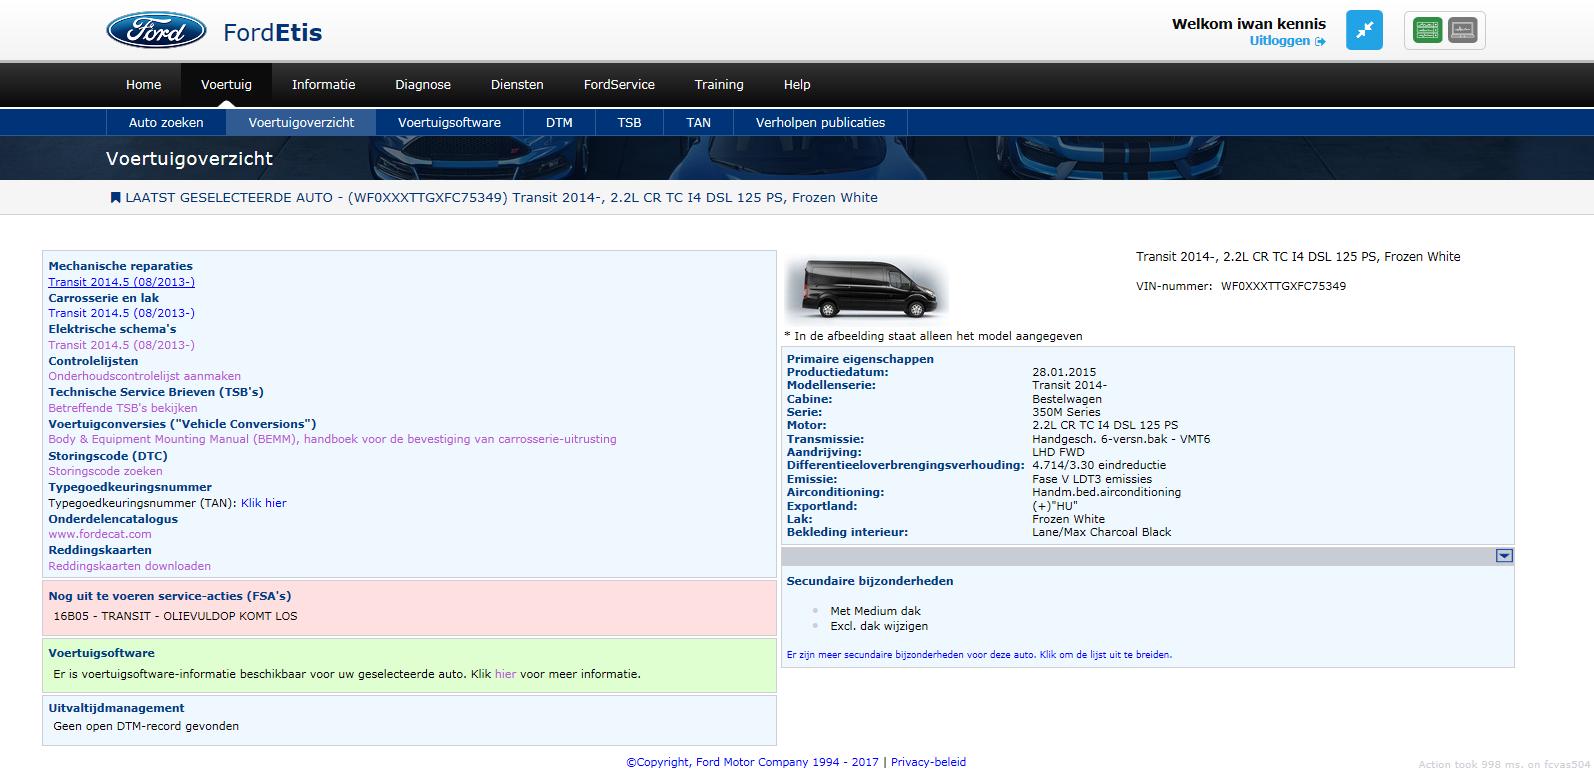 Zijn er terugroepacties bekend? Dan geeft het systeem dat weer. De Ford-dealer verhelpt die problemen kosteloos.